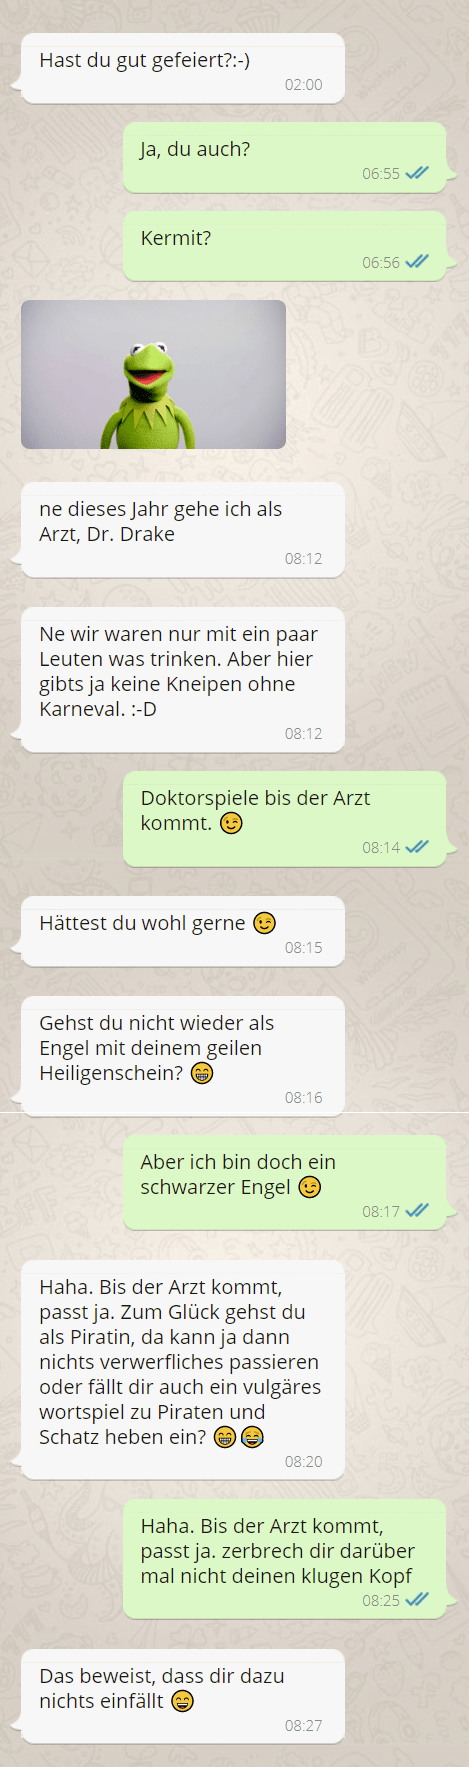 Ex zurück - SMS Chat nach der Kontaktsperre